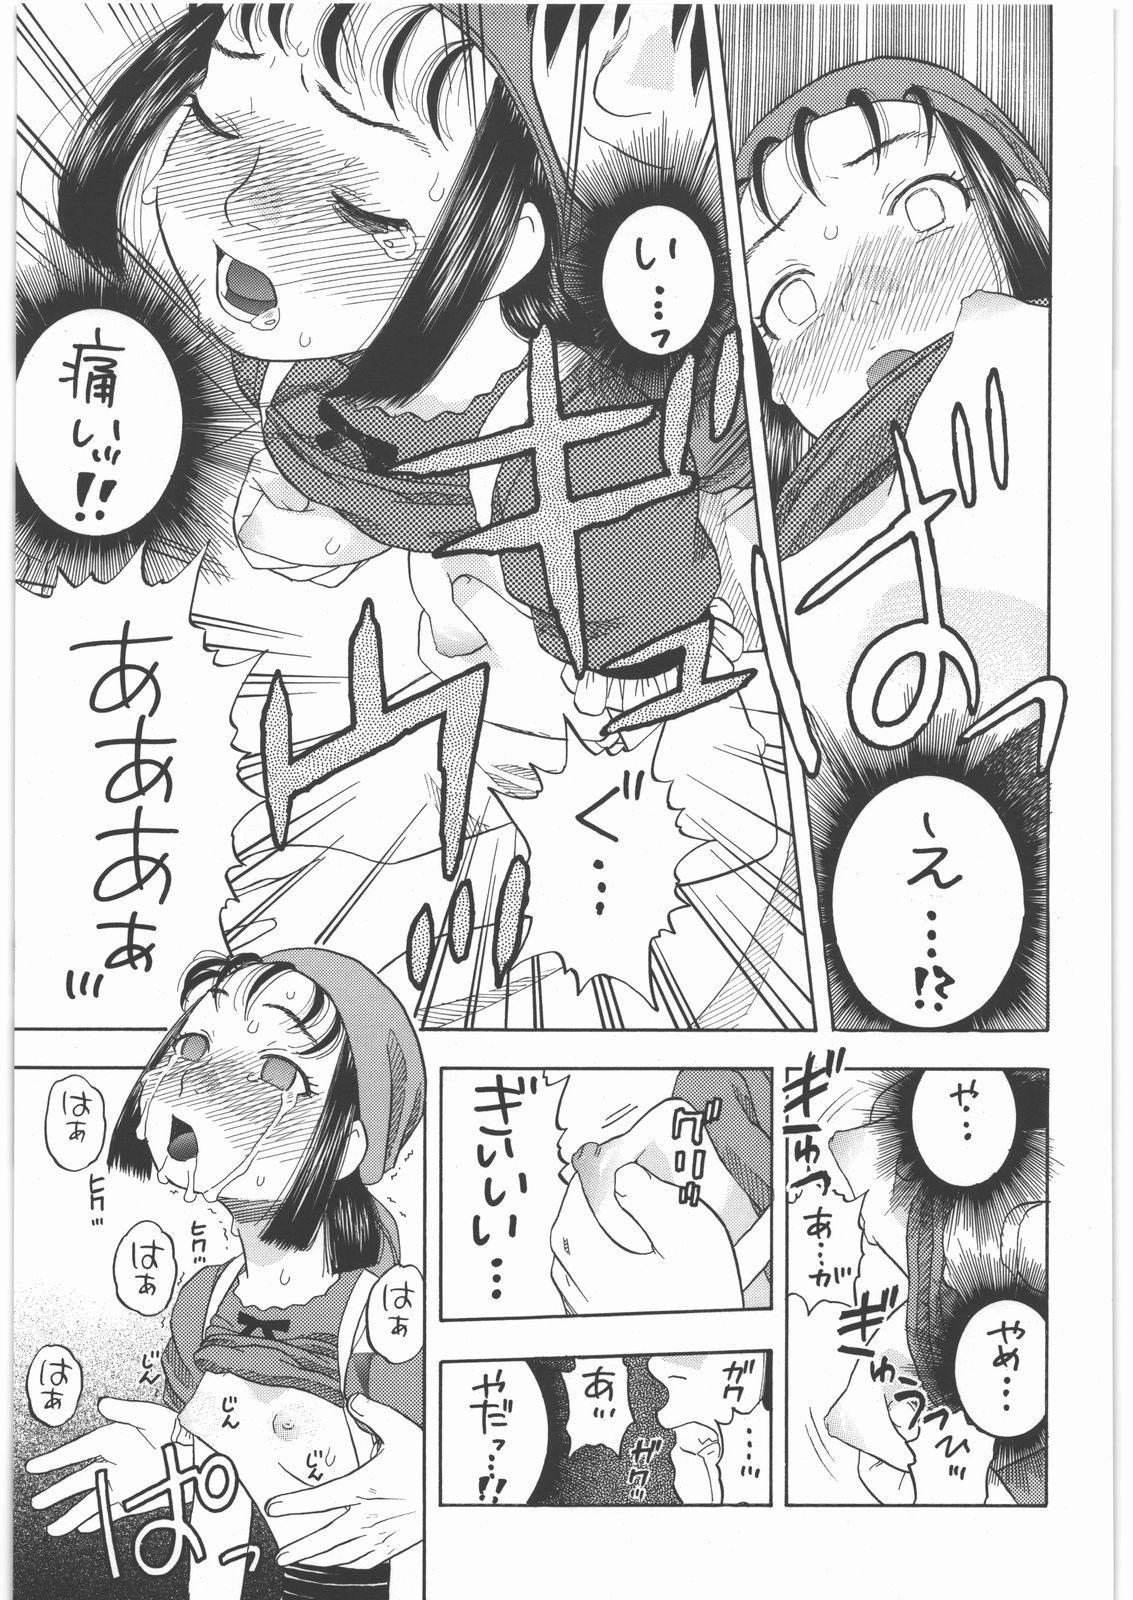 Yadoya no Rikka 7